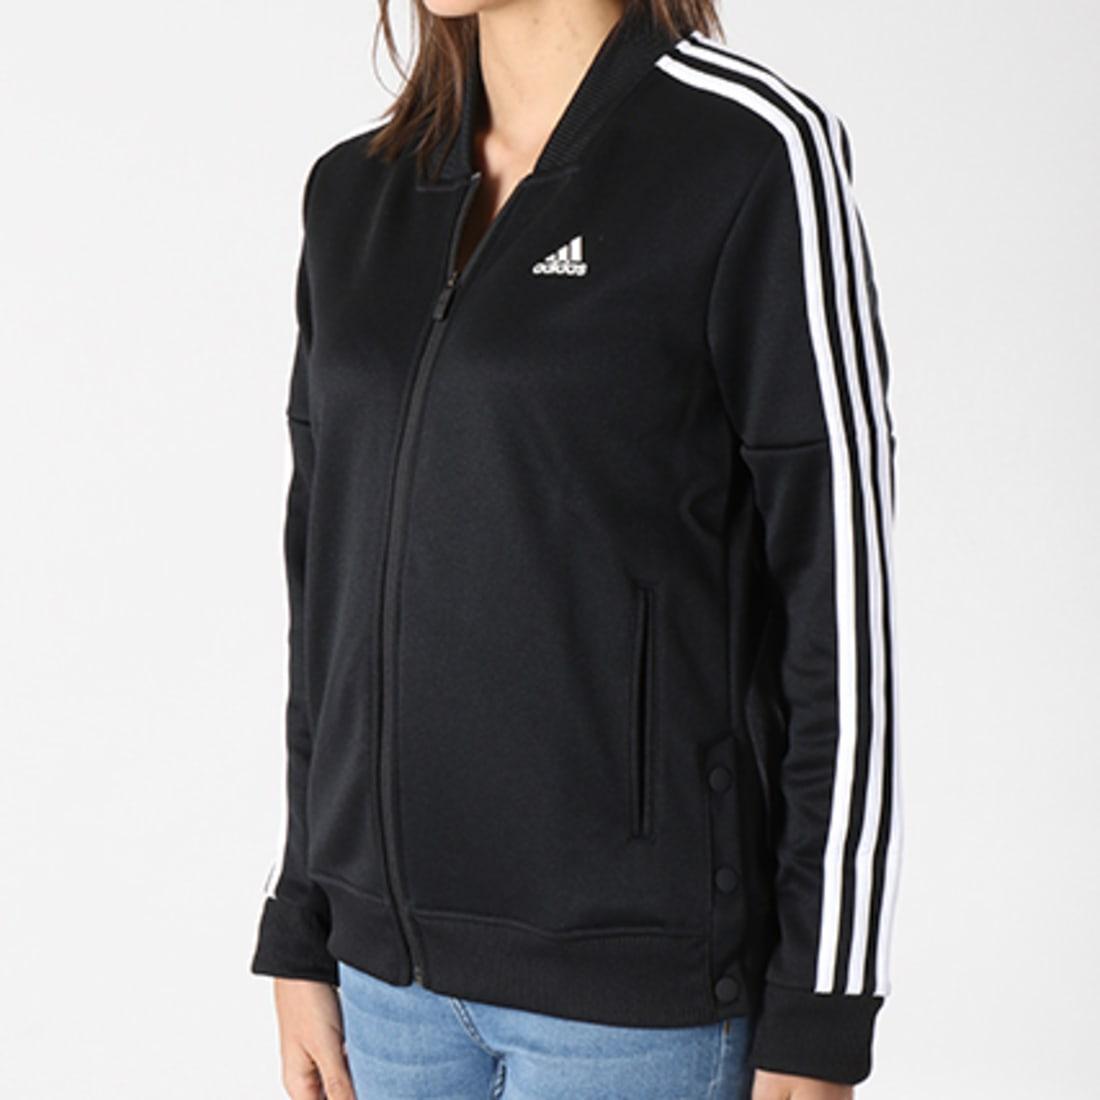 adidas Veste Zippée Femme Snap CE6024 Noir Blanc